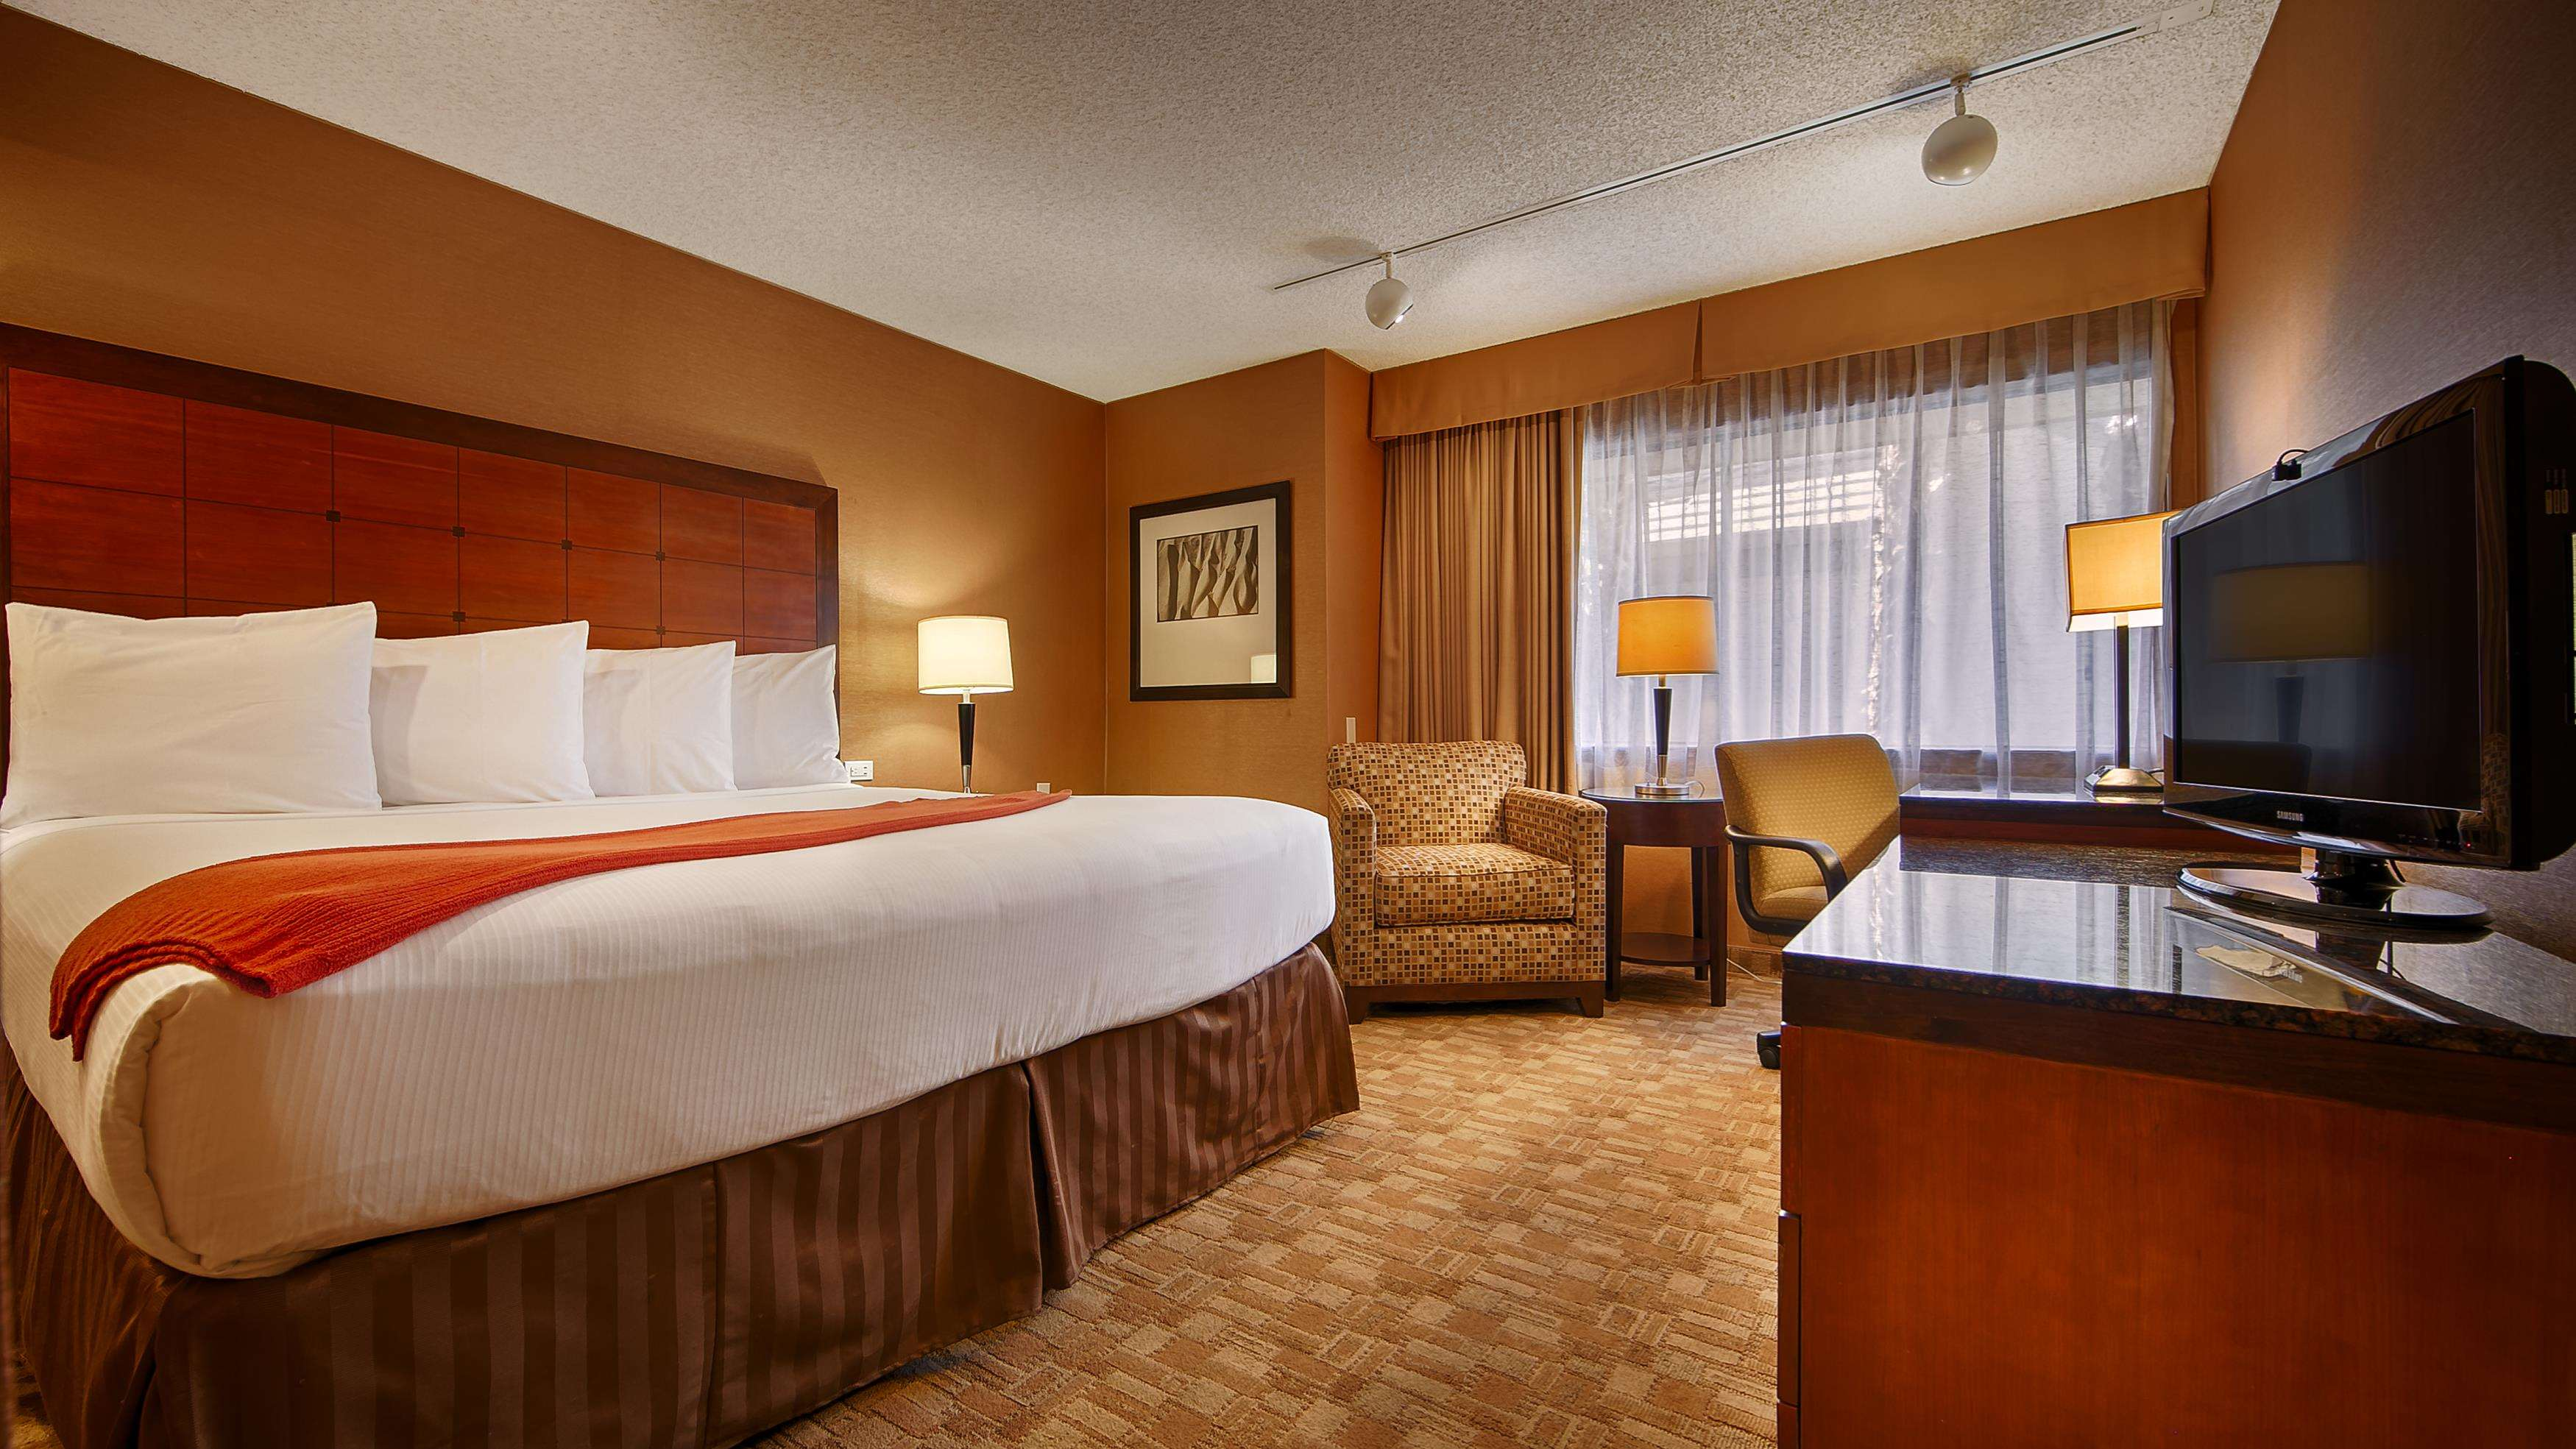 Best Western Inn at Palm Springs image 10